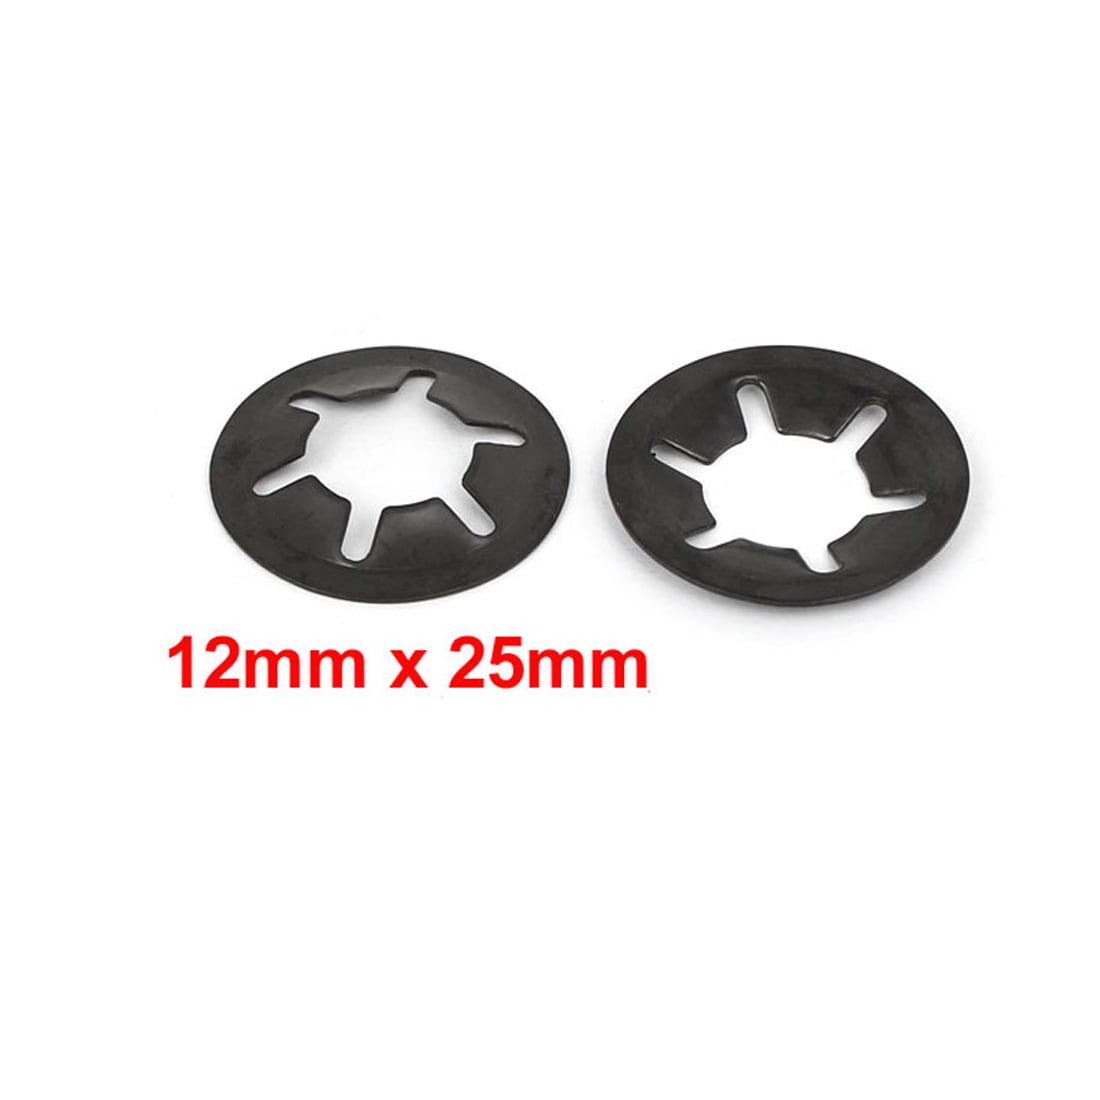 uxcell 50 Pcs 5mm x 12mm Internal Tooth Starlock Star Lock Locking Washers